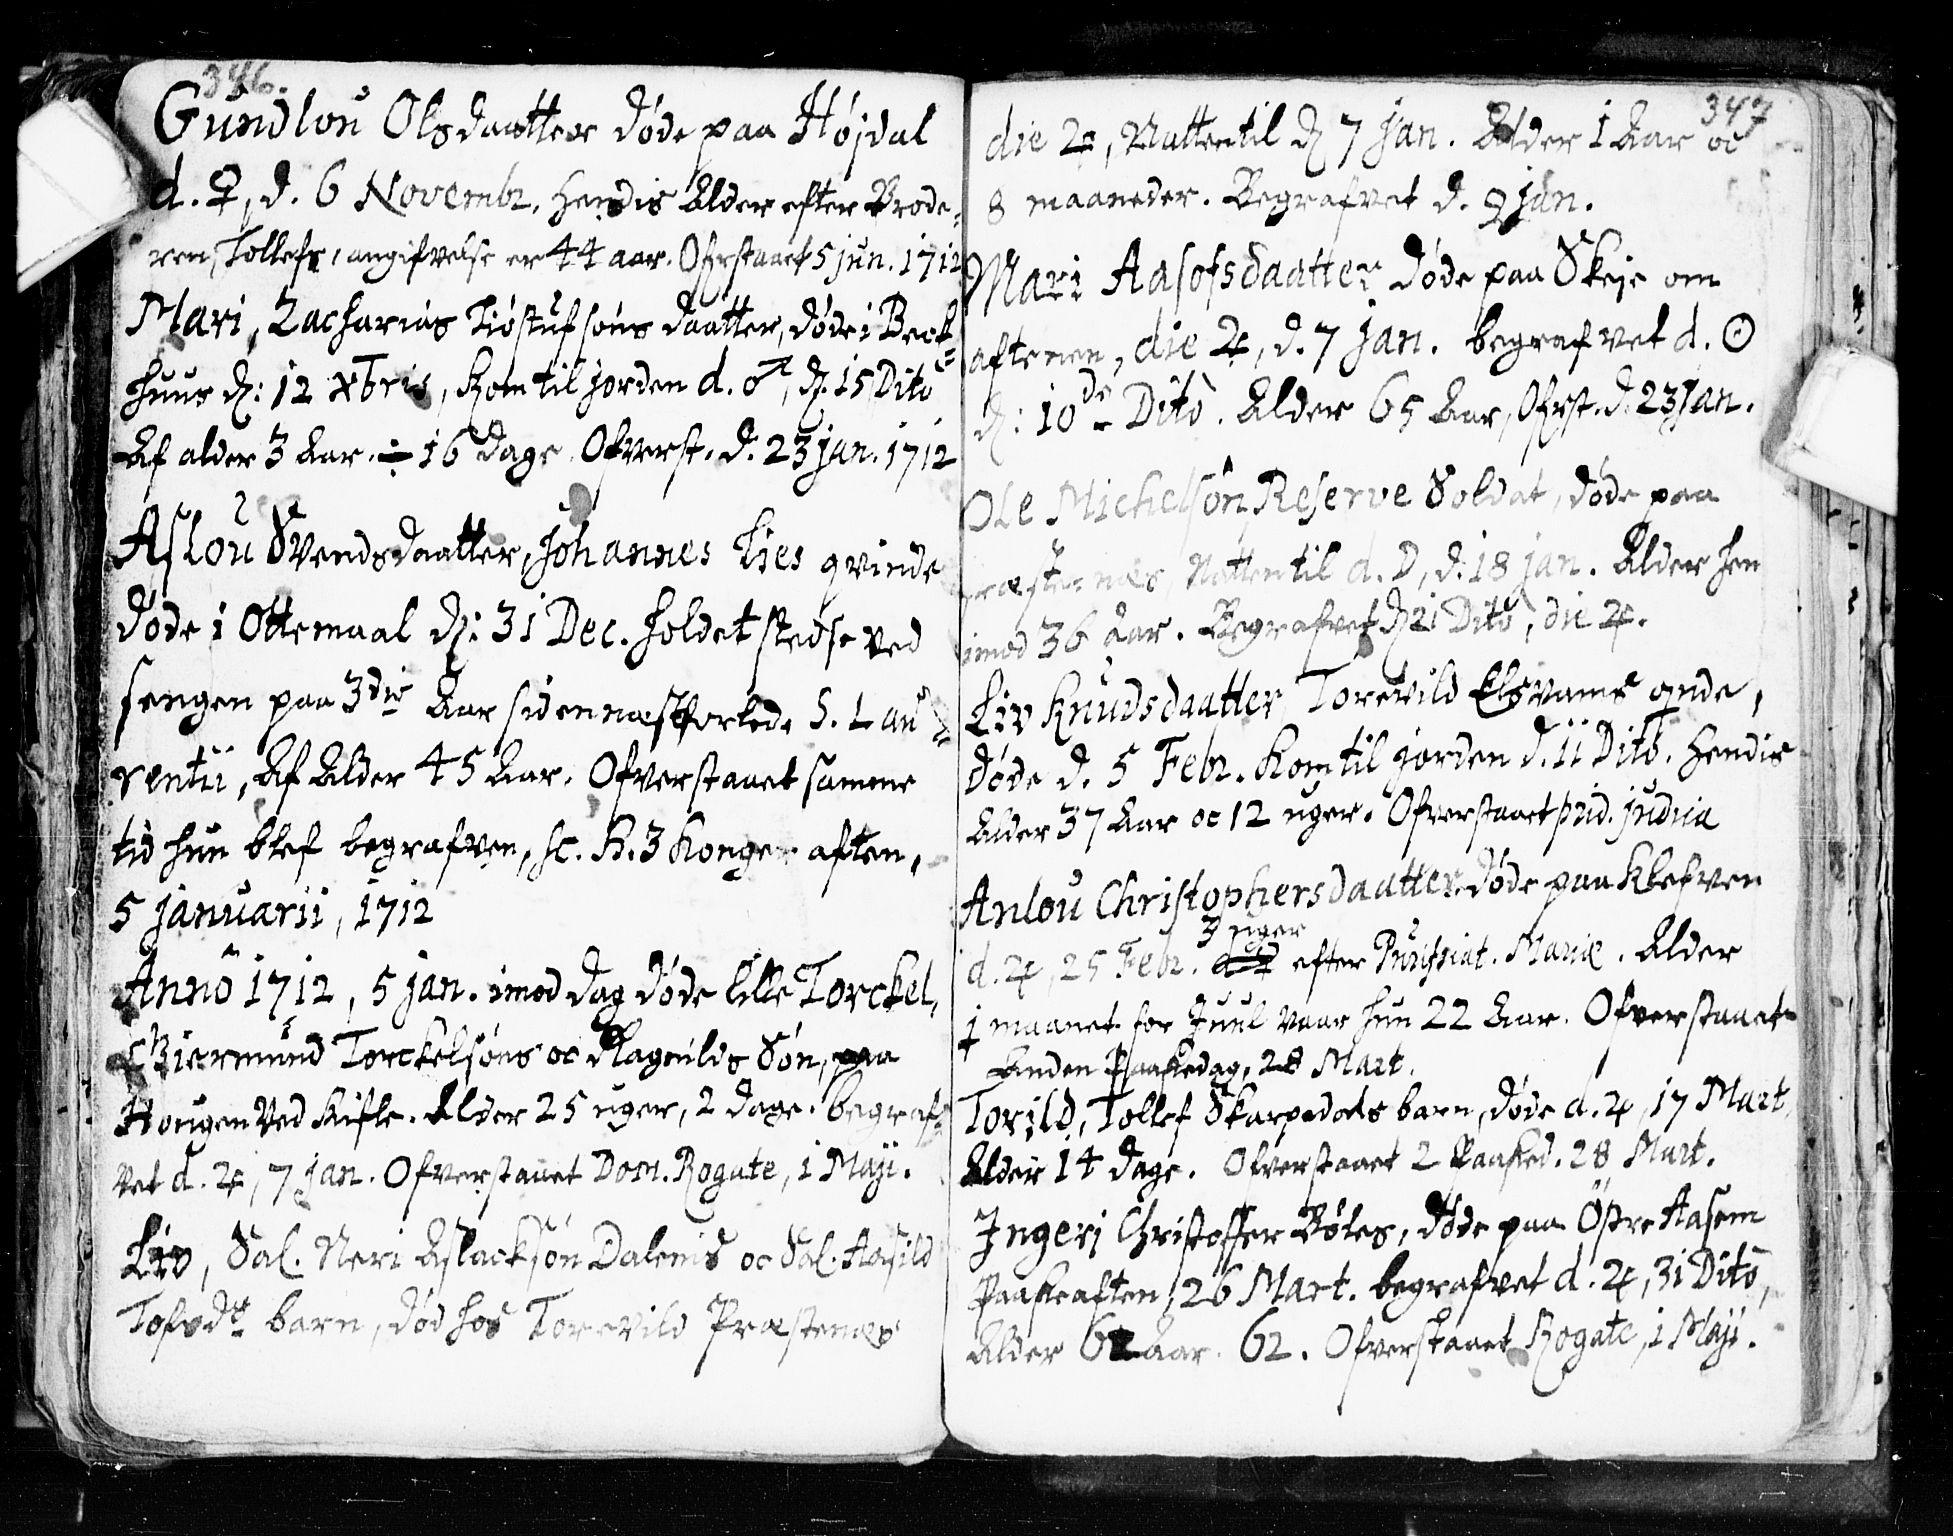 SAKO, Seljord kirkebøker, F/Fa/L0002: Ministerialbok nr. I 2, 1689-1713, s. 346-347